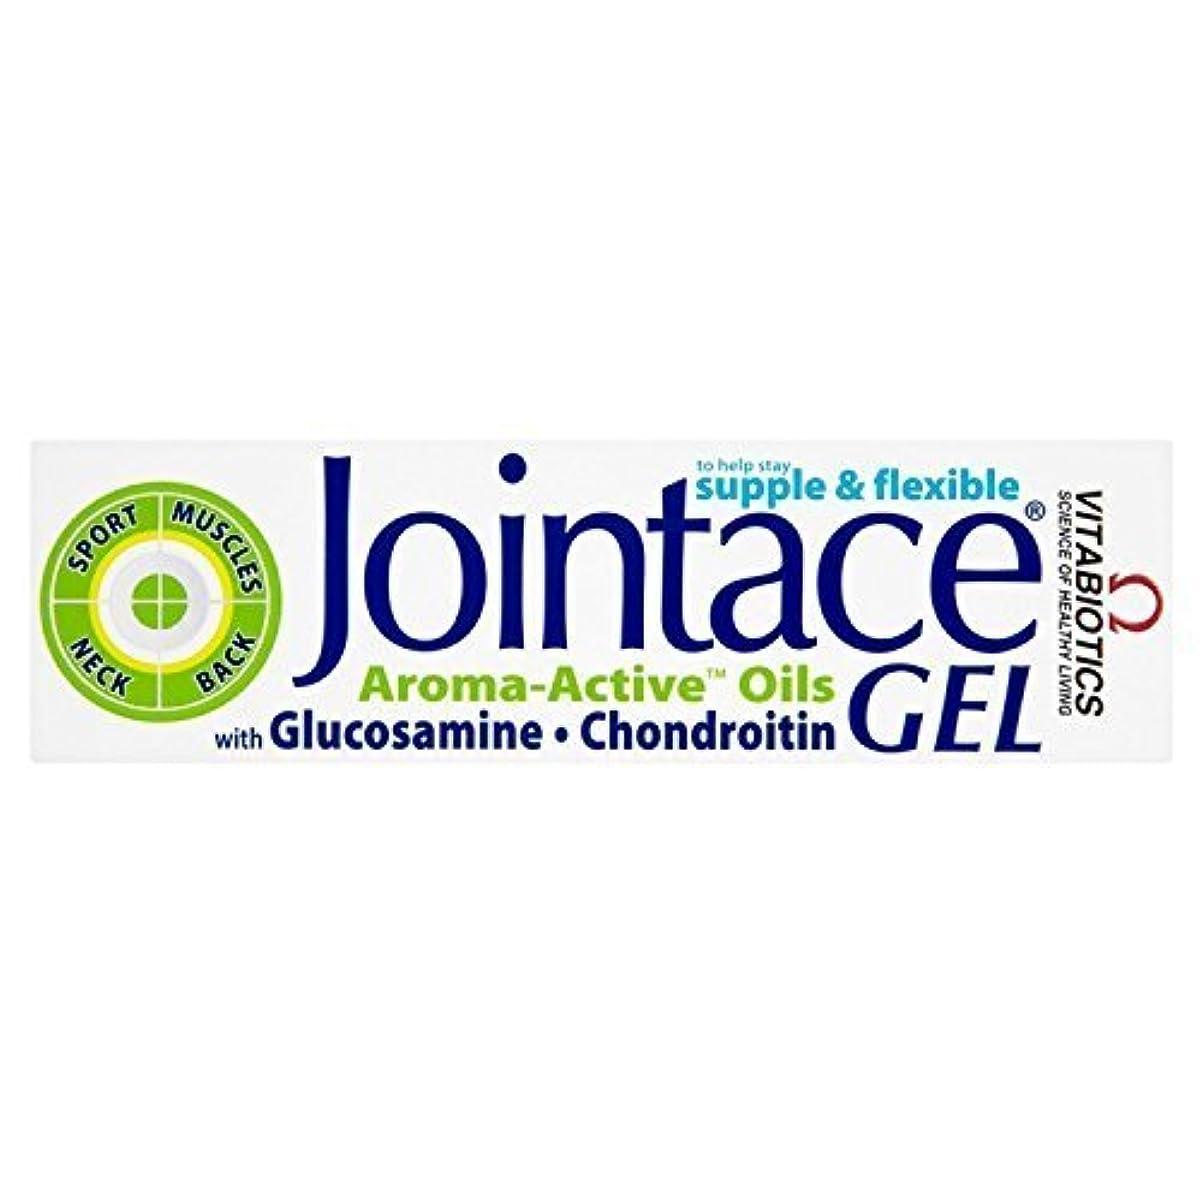 ギャンブル多年生見落とすVitabiotics Jointace Aromatic Massage Gel - 75ml (To Help stay supple & flexible) by Vitabiotics [並行輸入品]